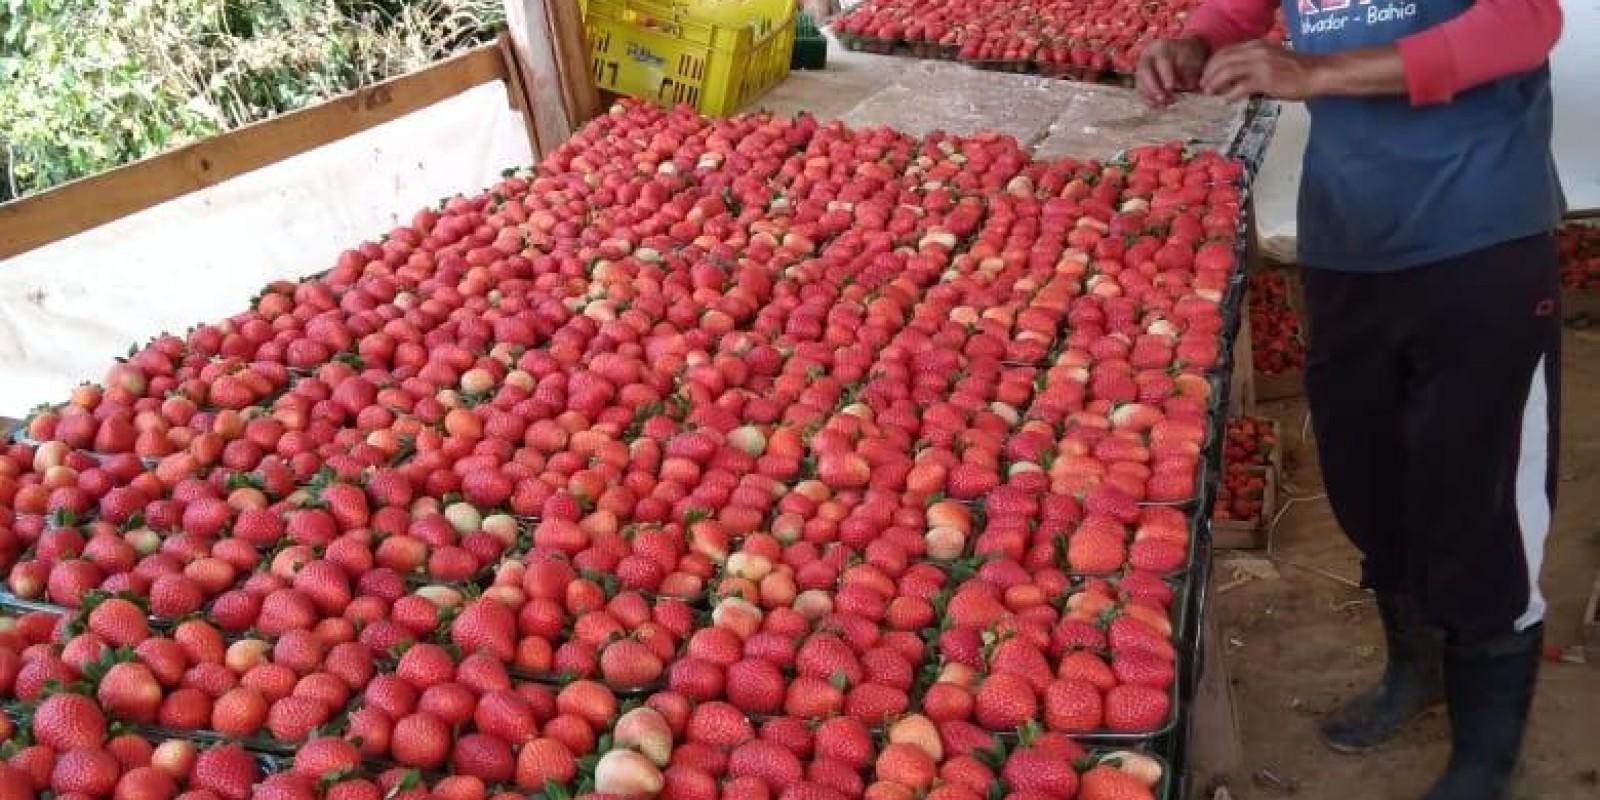 Epamig e Emater-MG se unem à Rede Morangos do Brasil para desenvolver variedades adaptadas do fruto